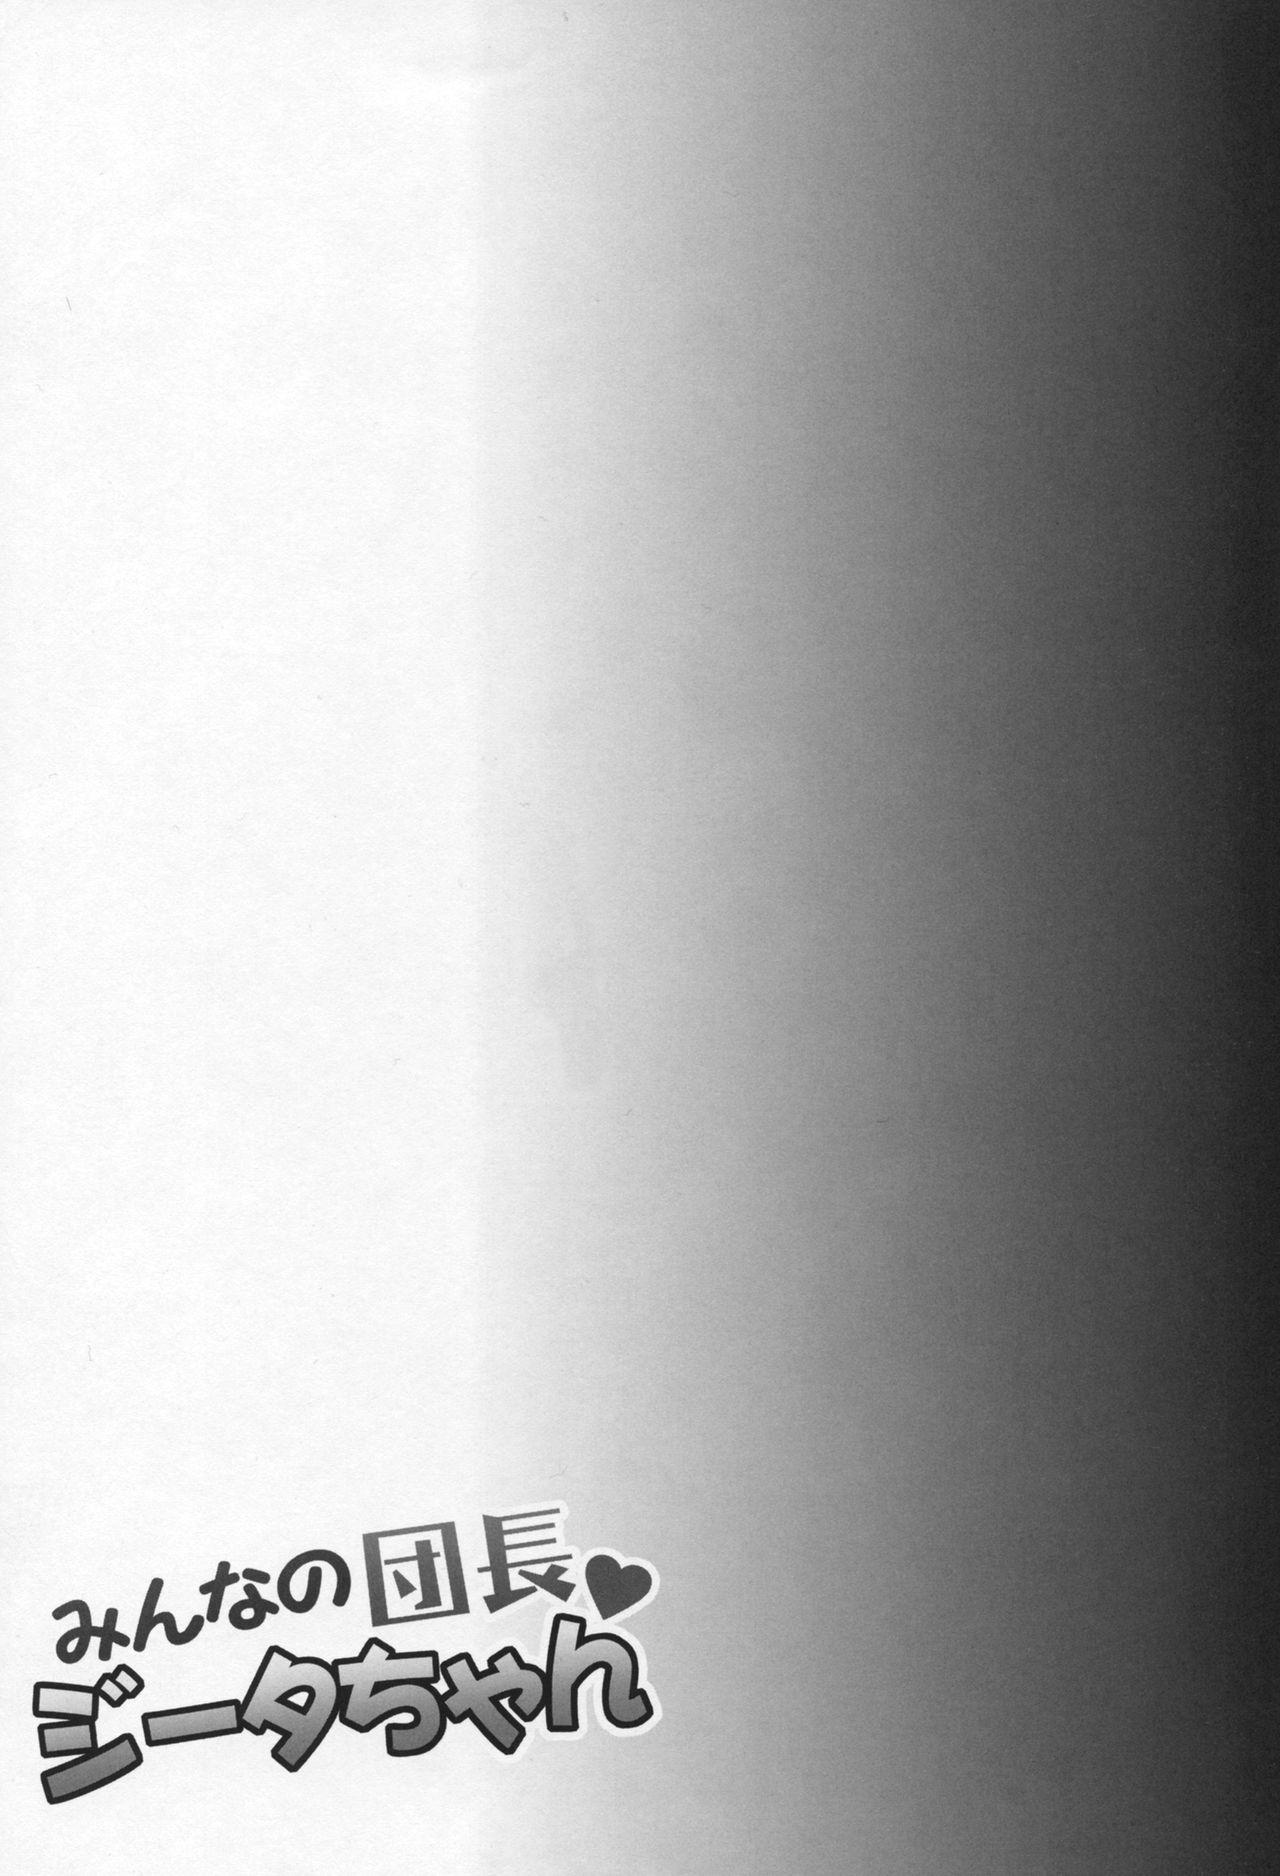 (C90) [Ichinose (Ichinose Land)] Minna no Danchou Djeeta-chan | Everyone's Captain - Djeeta-chan (Granblue Fantasy) [English] [obsoletezero] 22